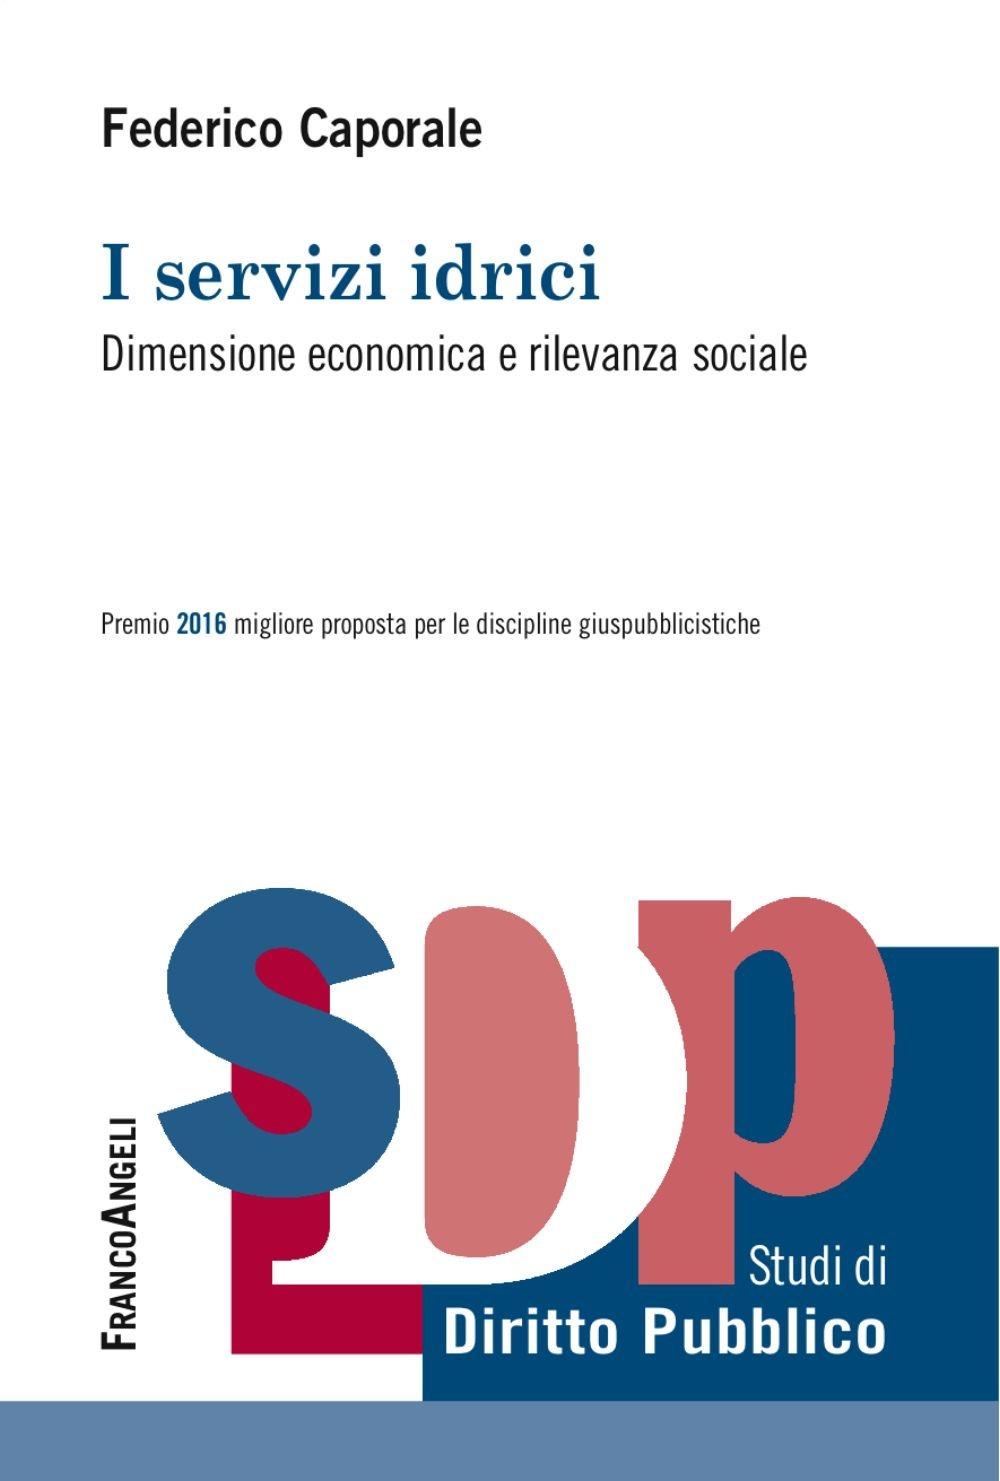 I servizi idrici. Dimensione economica e rilevanza sociale